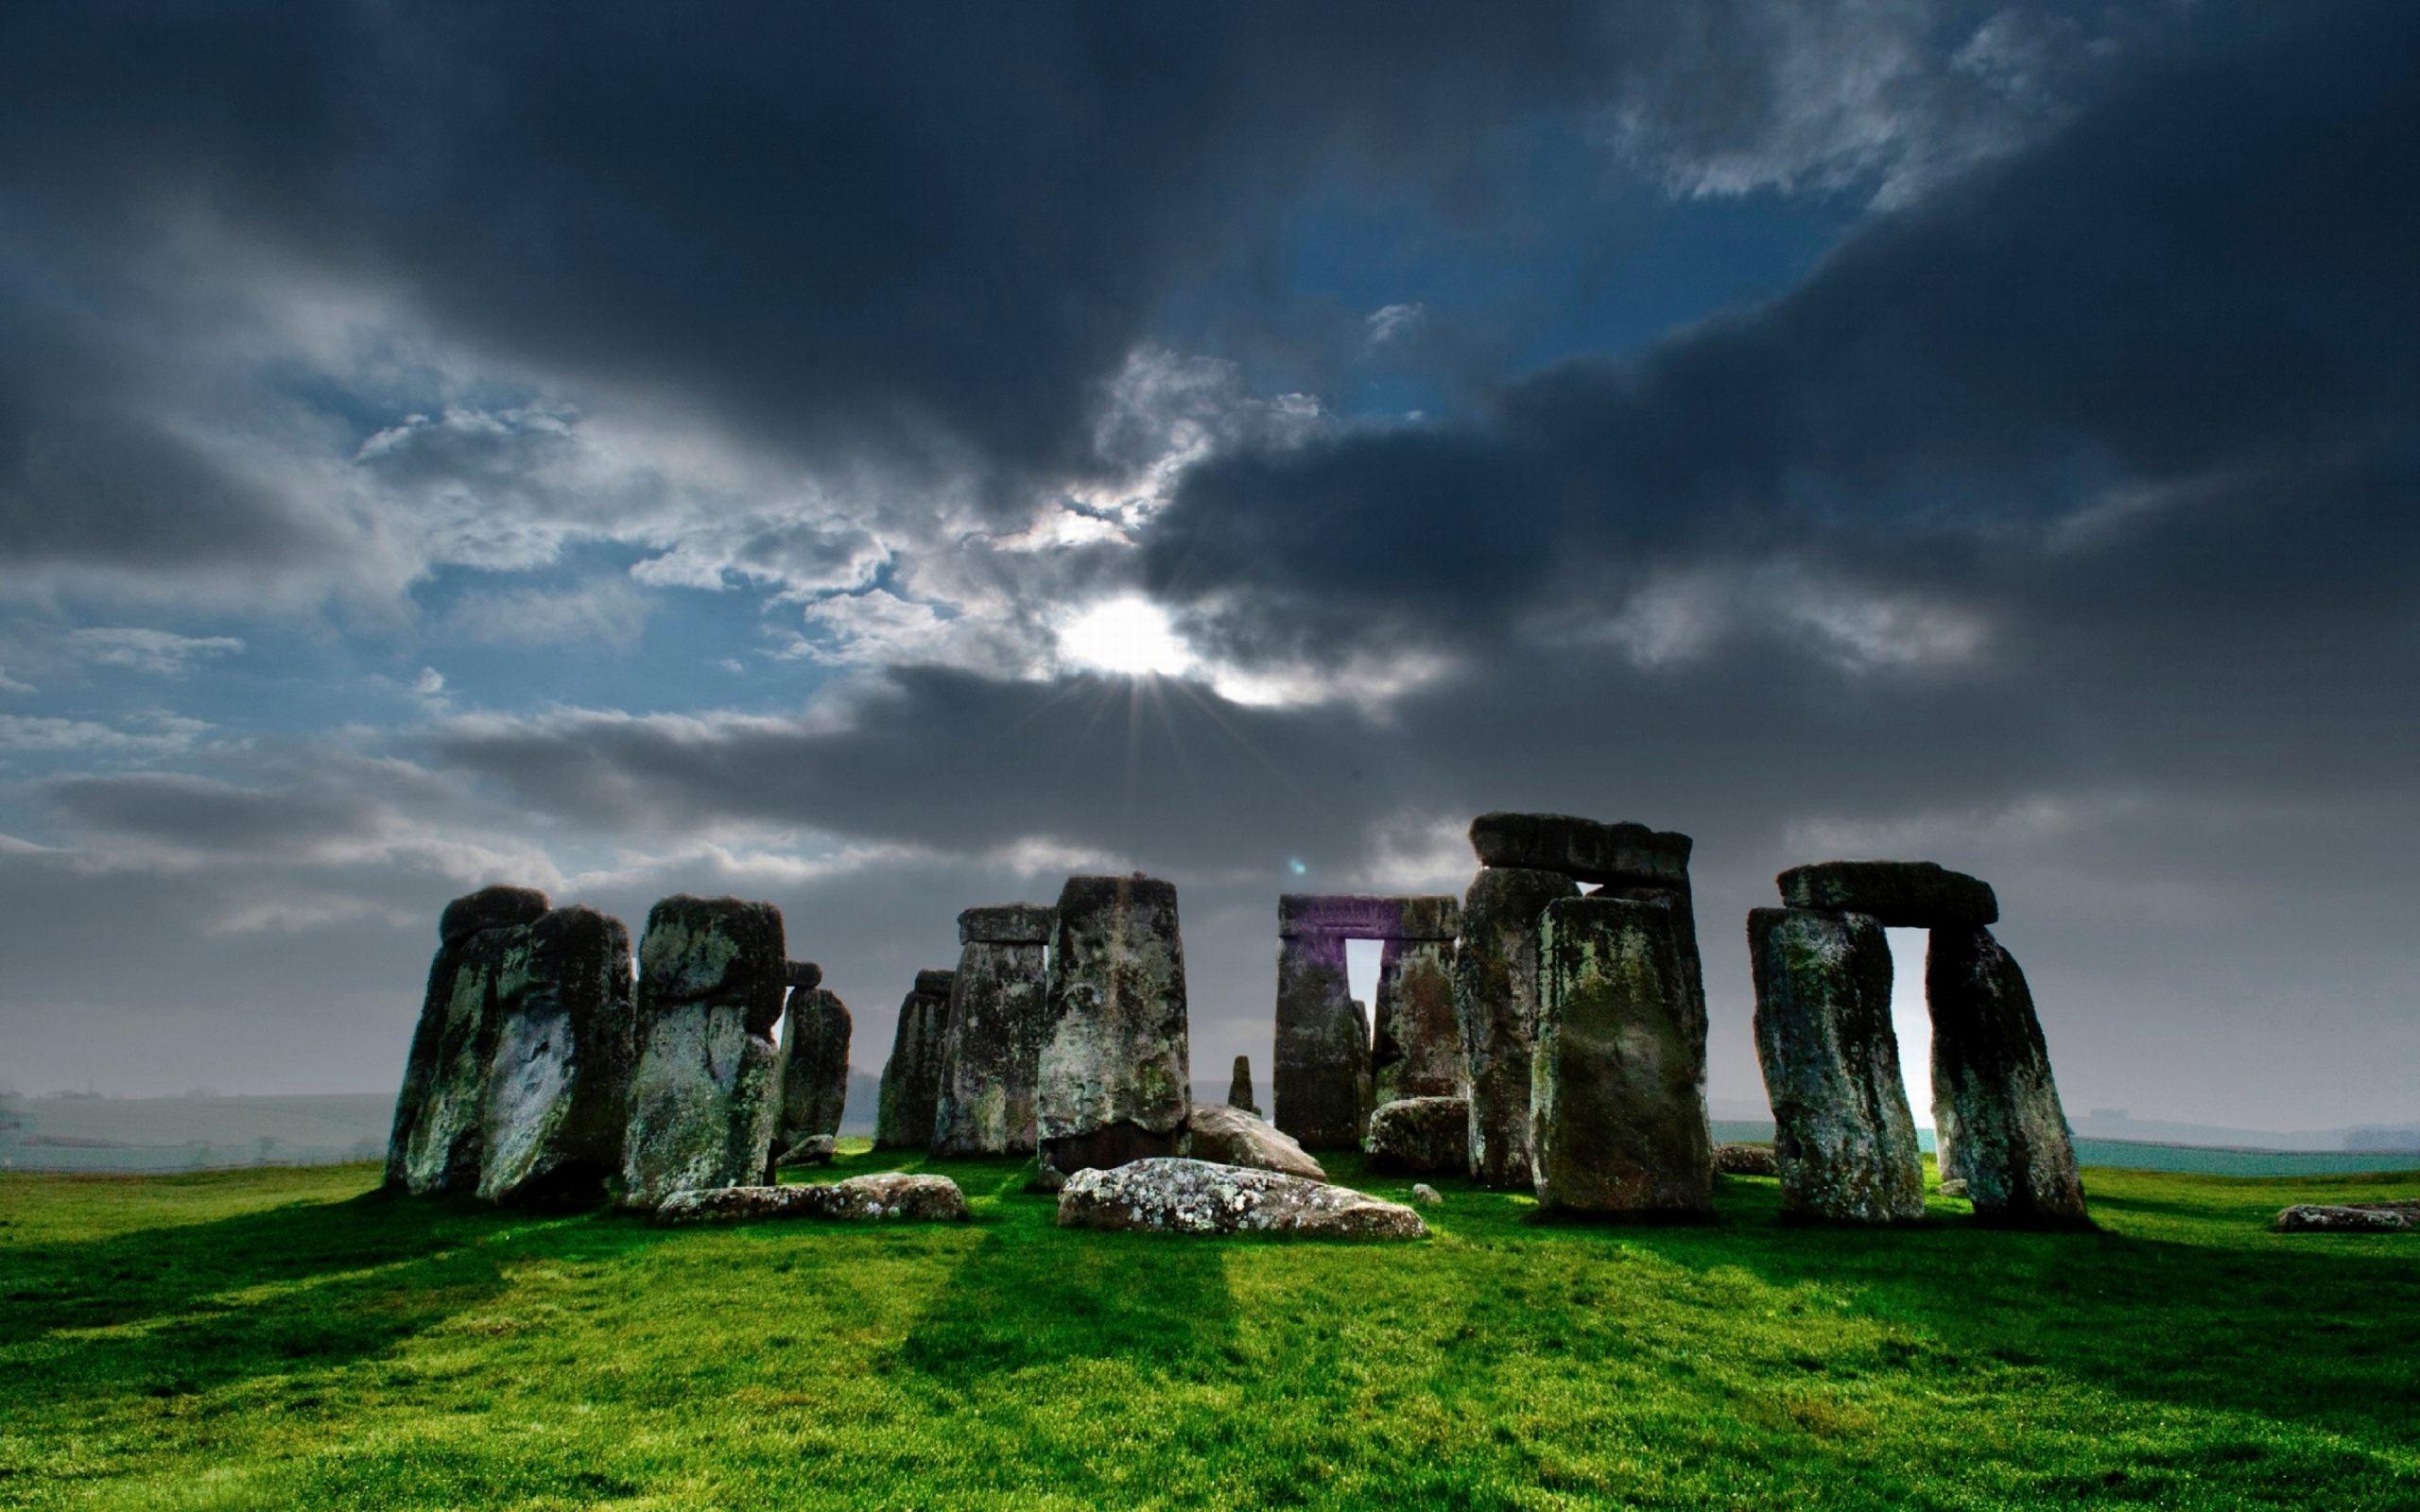 Stonehenge Wallpaper 11   2560 X 1600 stmednet 2560x1600